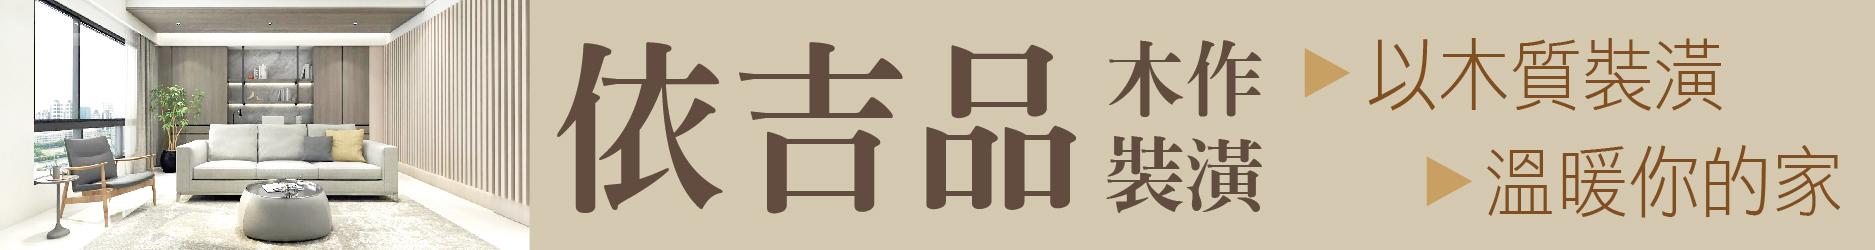 木作設計 雙專業 依吉品木作裝潢  以木質裝潢 溫暖你的家